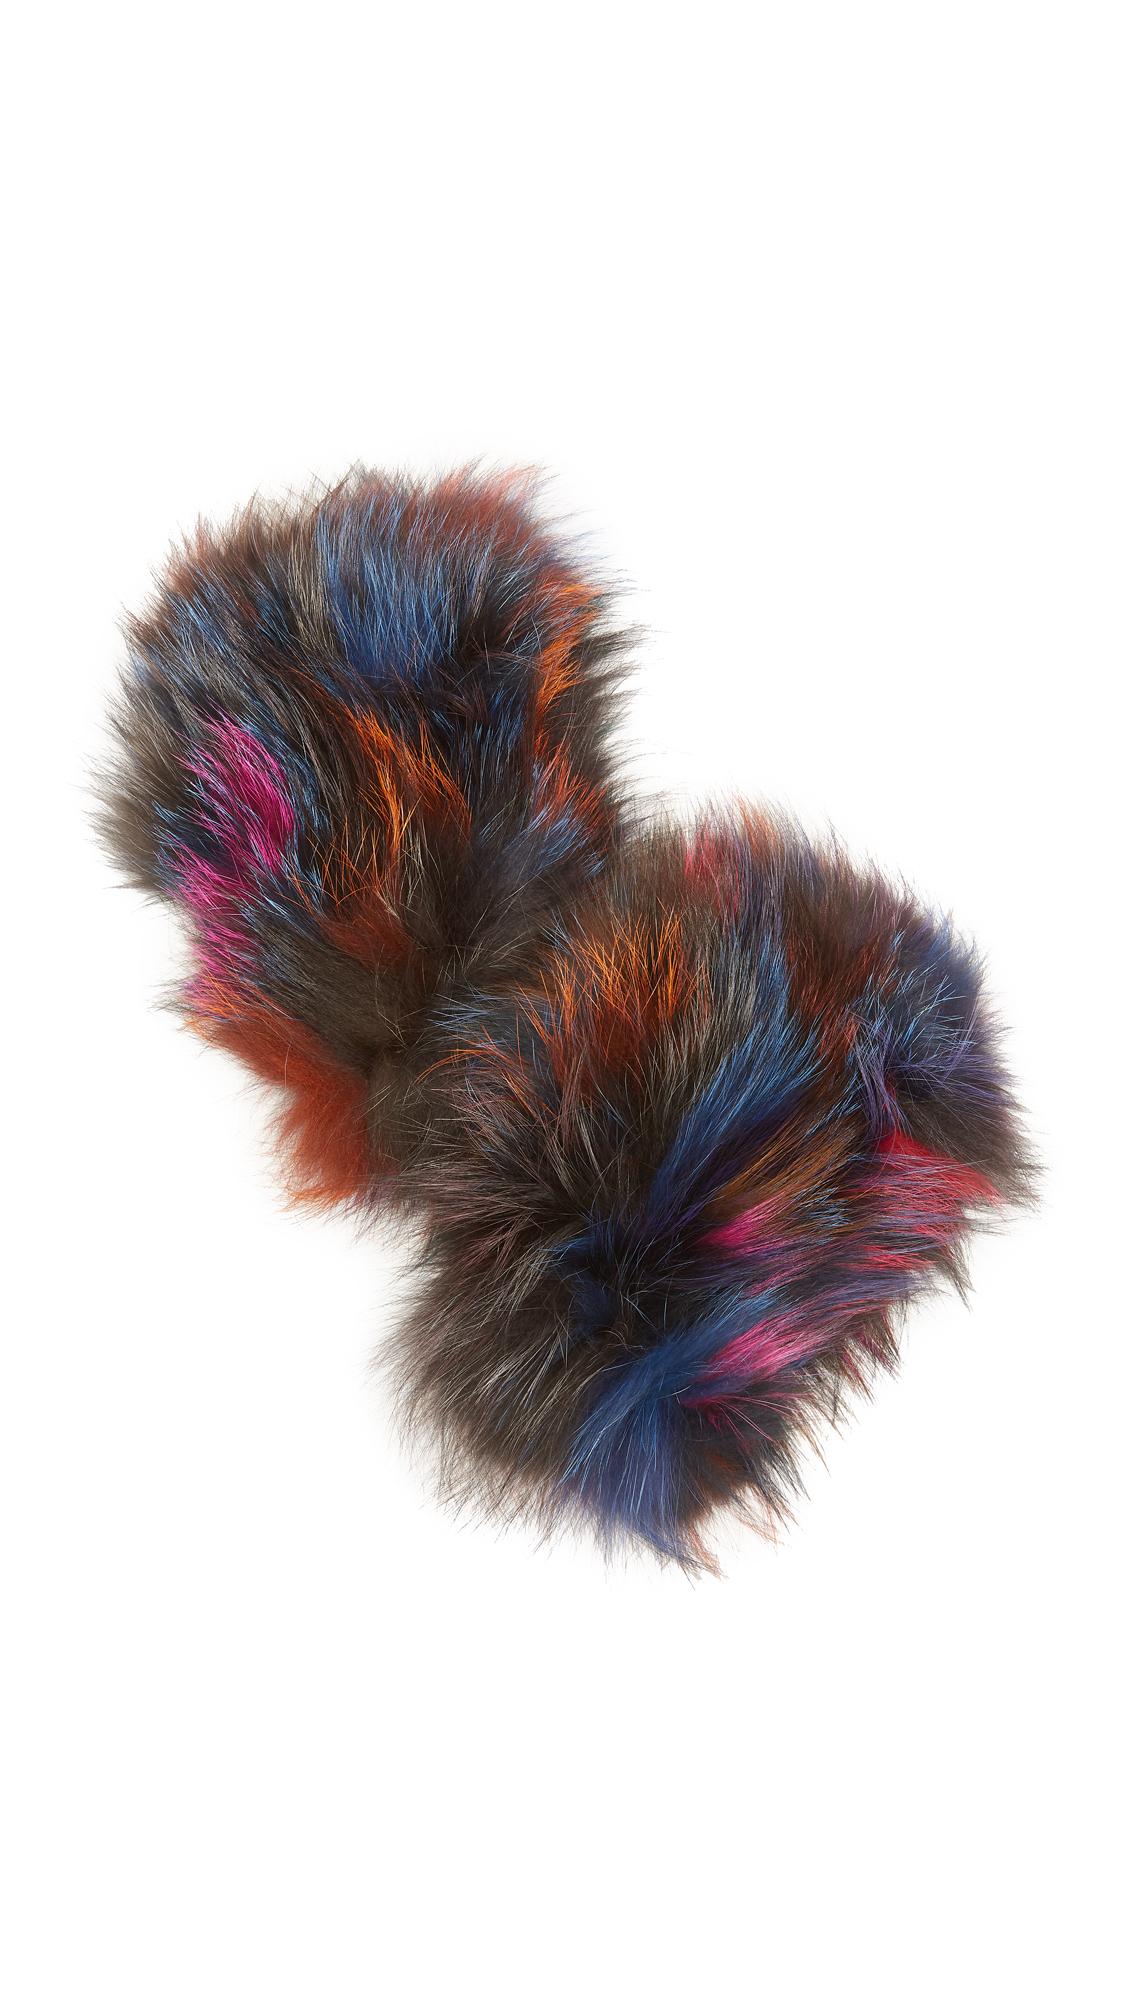 Jocelyn Fingerless Fur Gloves - Dark Multi